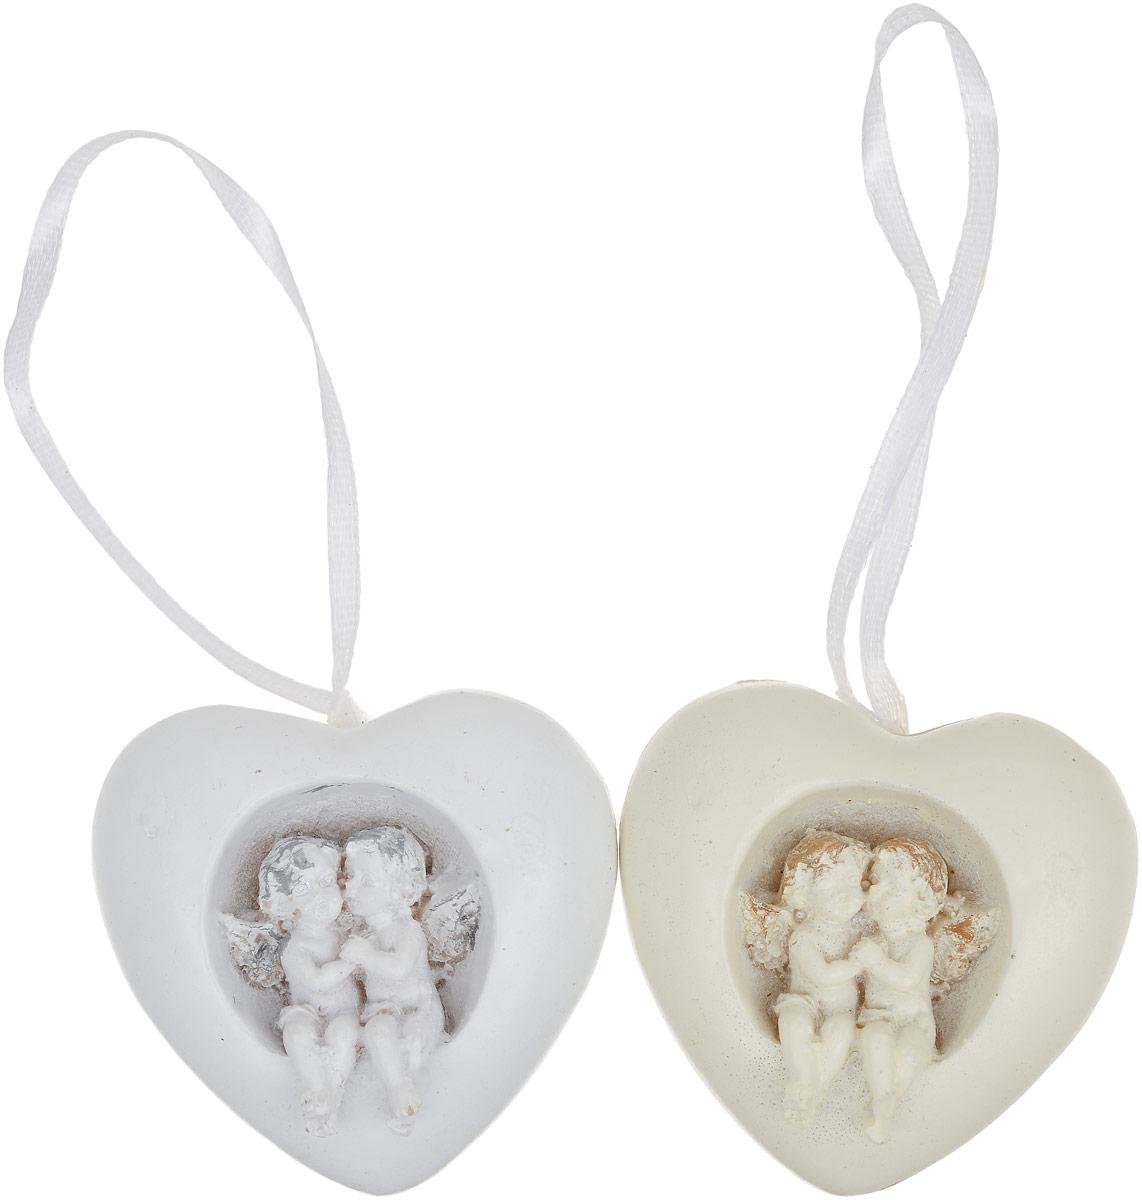 Украшение новогоднее подвесное Magic Time Любовь, 2 шт75397Набор Magic Time Любовь состоит из 2 подвесных украшений, выполненных из полирезины в виде сердец с объемными фигурками ангелочков. Изделия оснащены специальными текстильными ленточками для подвешивания.Такие украшения отлично подойдут для декорации новогодней ели. Создайте в своем доме атмосферу веселья и радости, украшая всей семьей новогоднюю елку нарядными игрушками, которые будут из года в год накапливать теплоту воспоминаний.Размер украшения: 10,8 х 5,2 х 3 см.